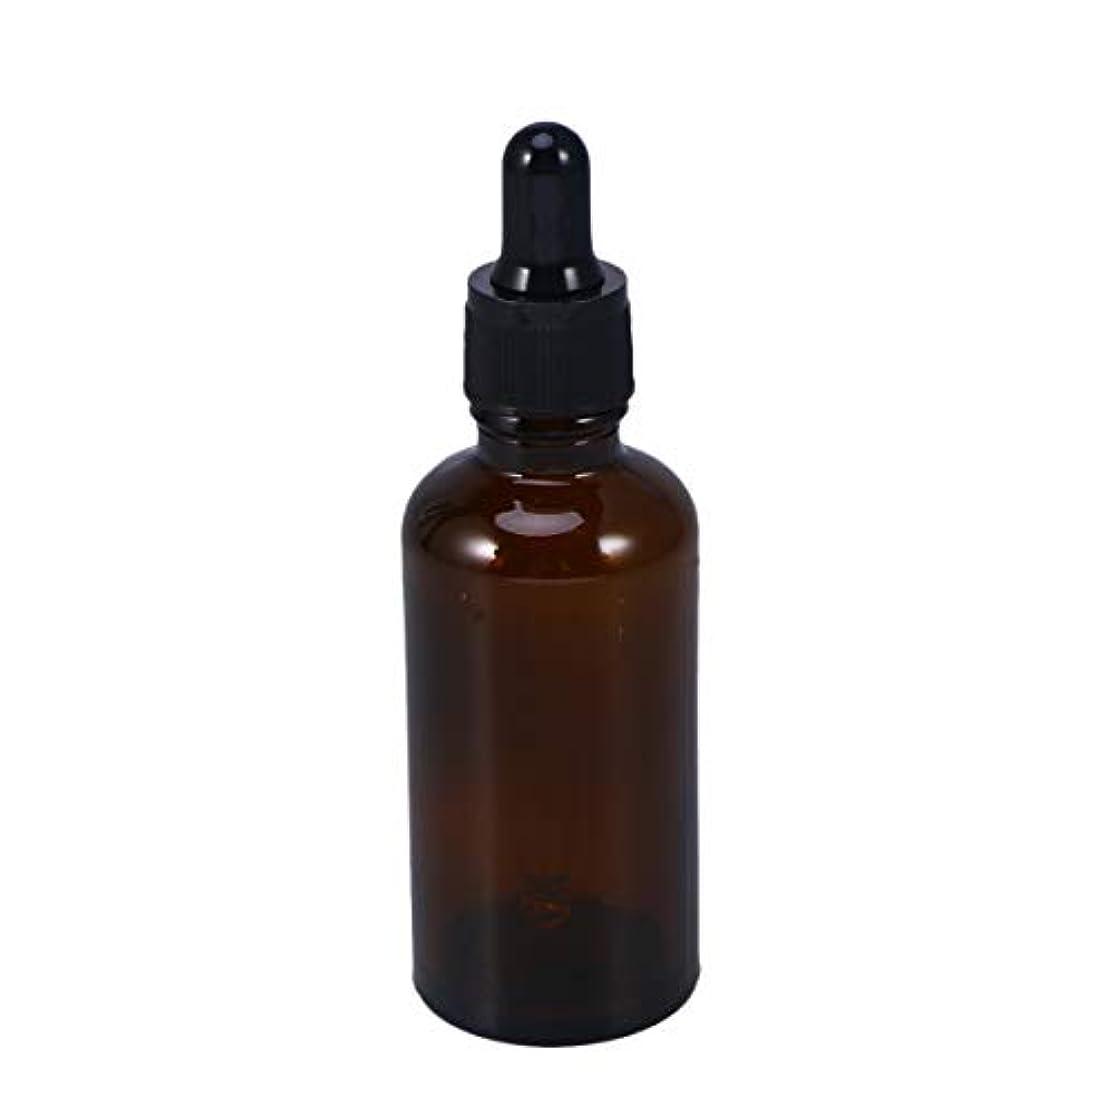 護衛ずるい塊Frcolor 遮光瓶 スポイト遮光瓶 50ml スポイト付き アロマボトル ガラス 茶色 香水 保存用 詰替え エッセンシャルオイル 保存容器 2本セット